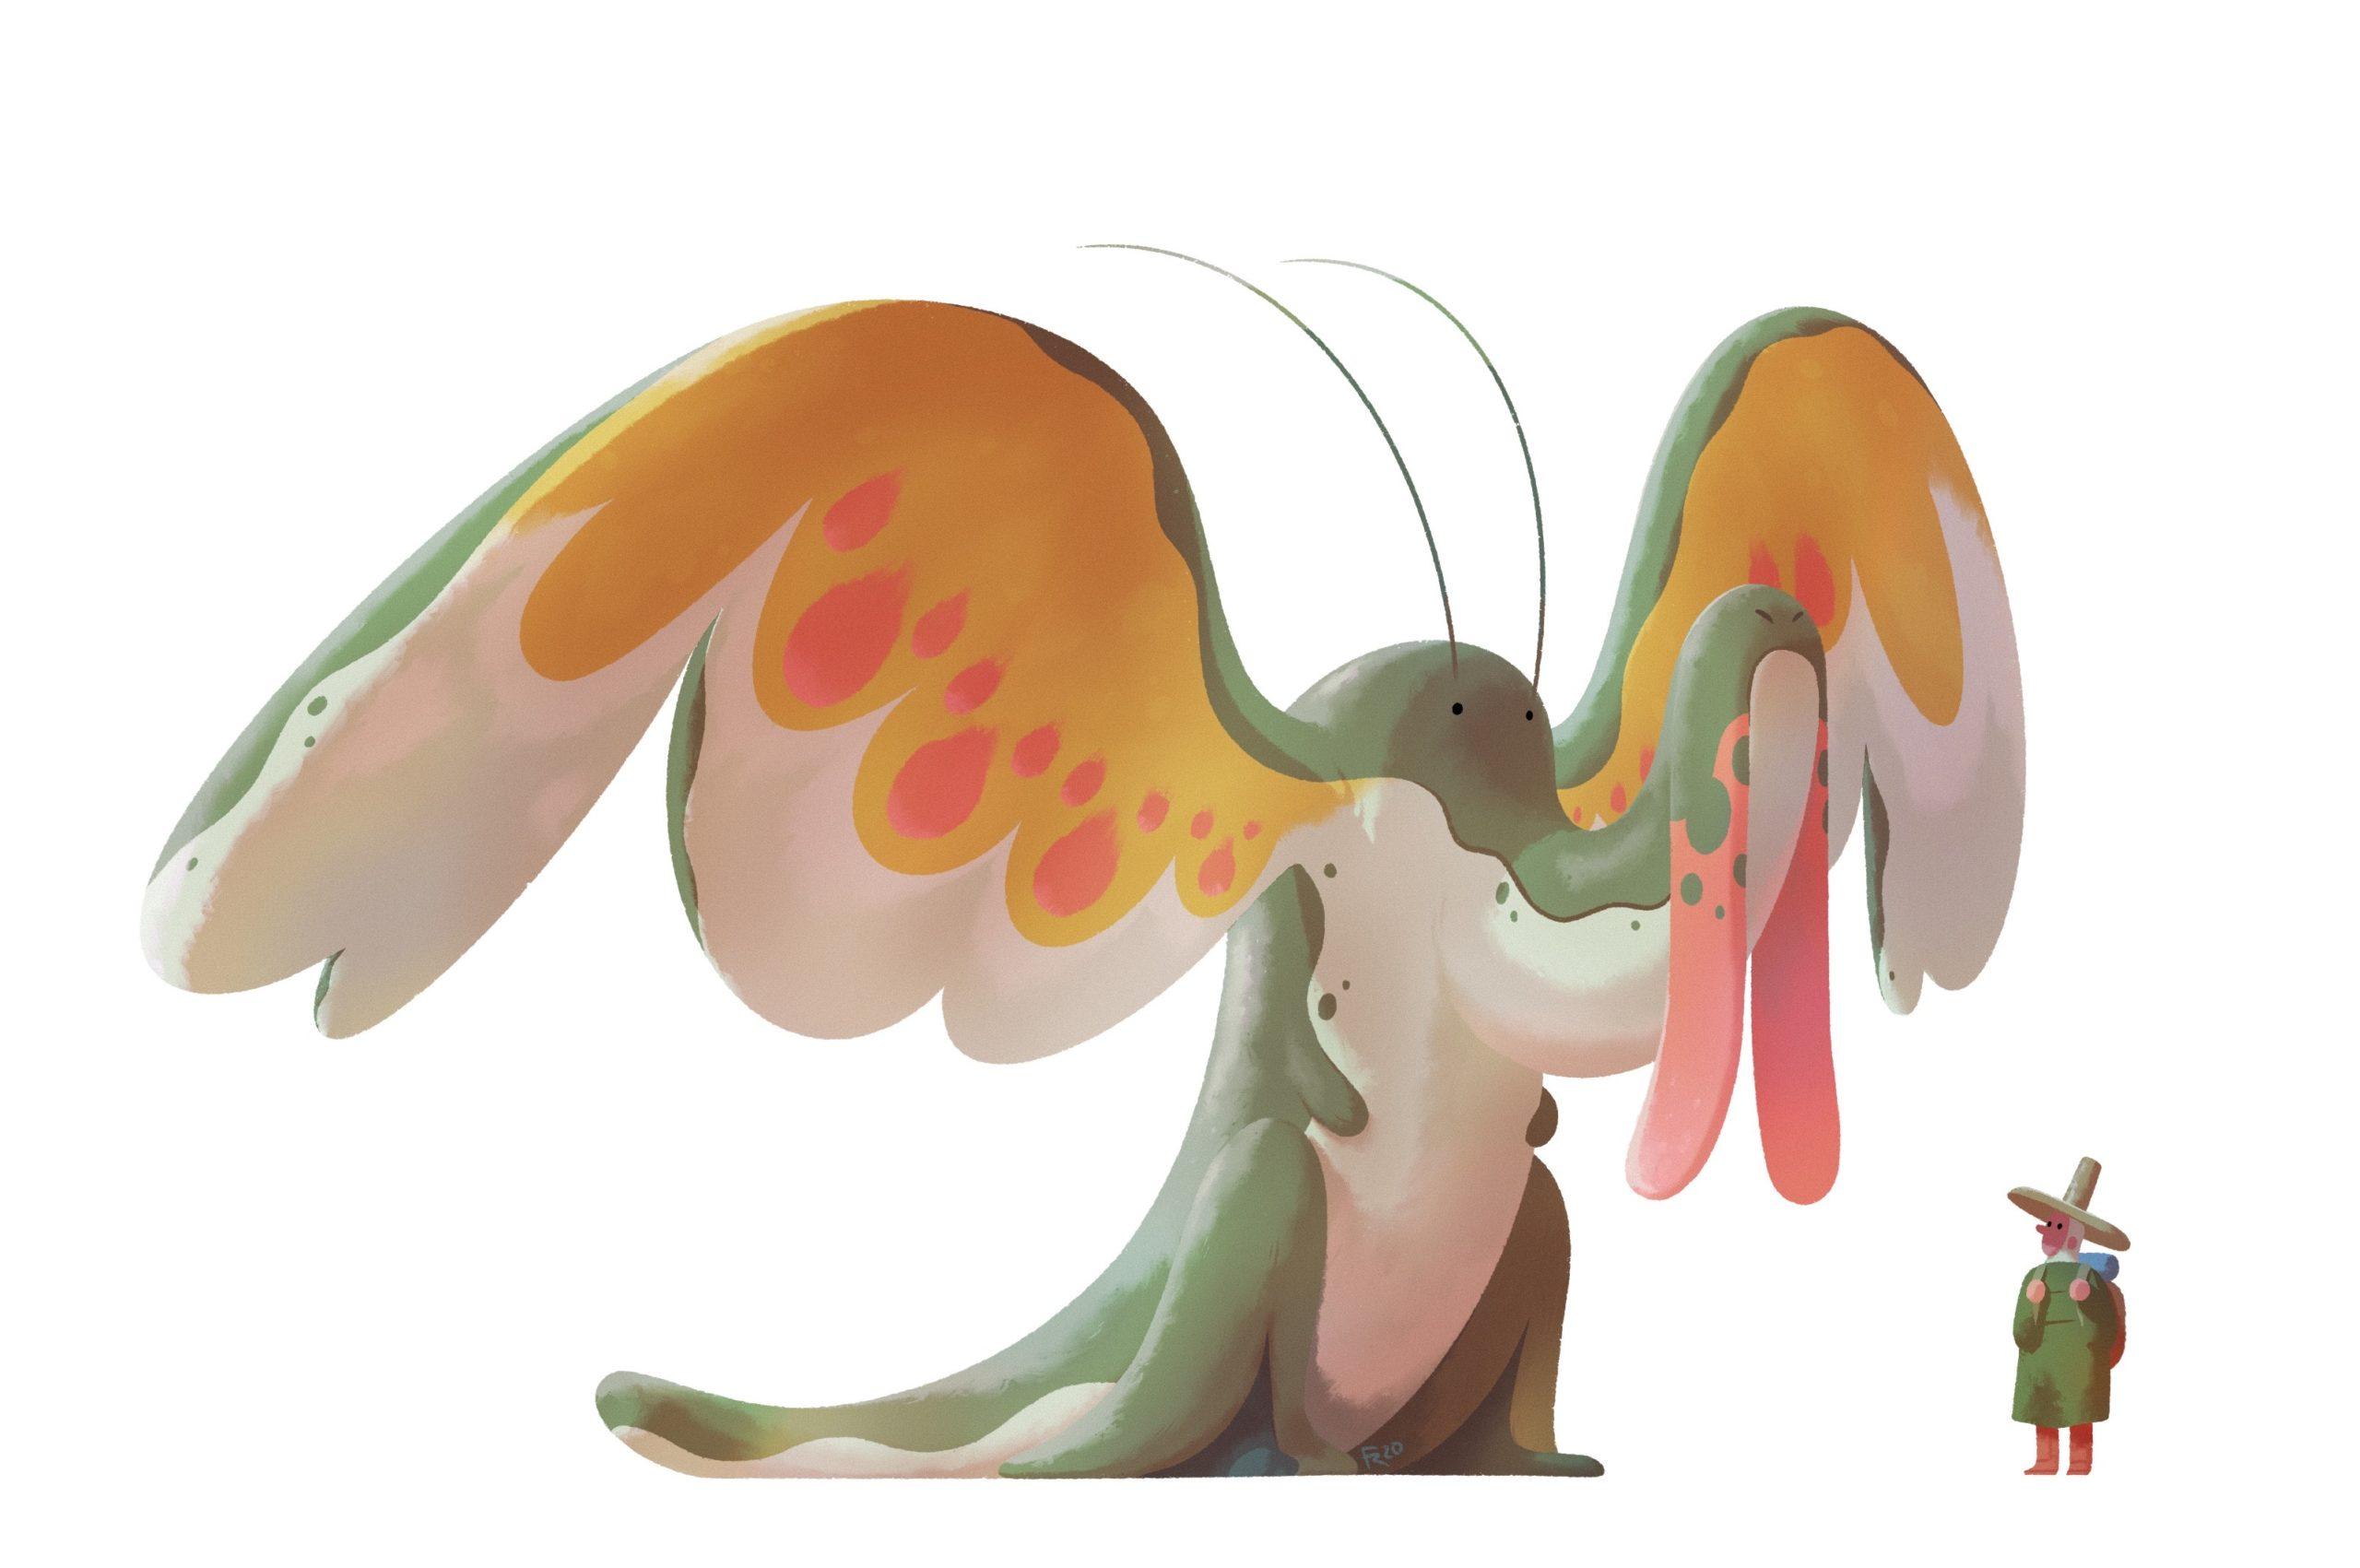 Criatura fantástica mezcla de ave, dragón y cocodrilo